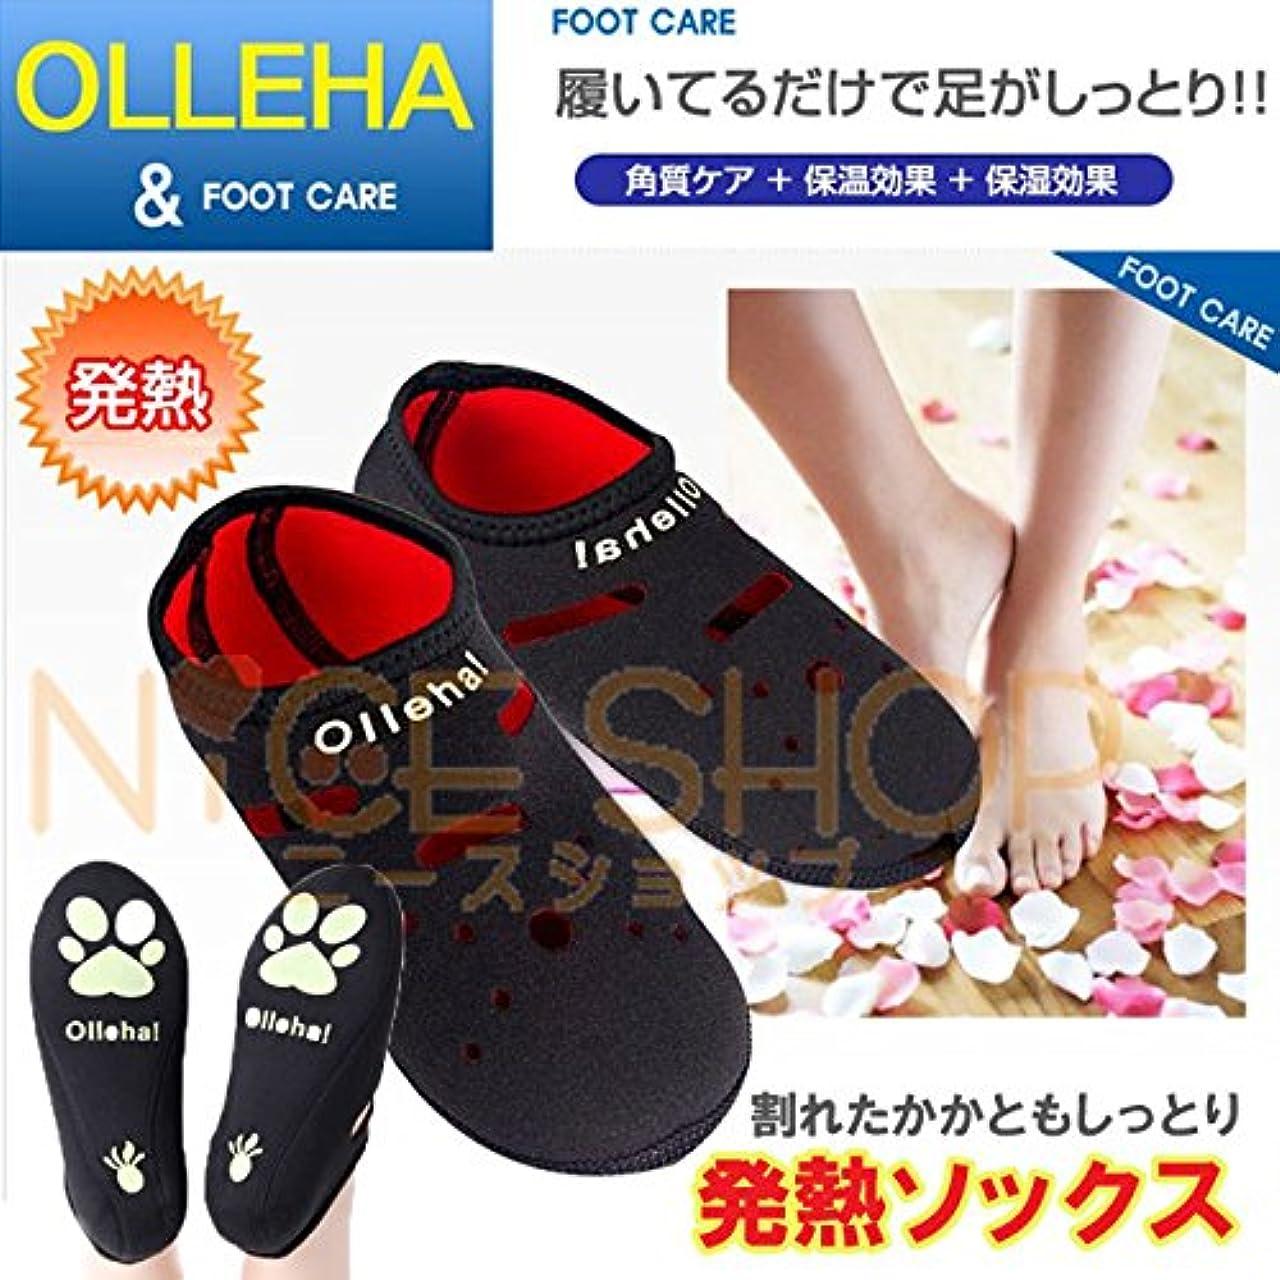 商品補償ペイント発熱靴下(足袋)発熱ソックス、フットケアー Olleha! (M(23.5~24.0))